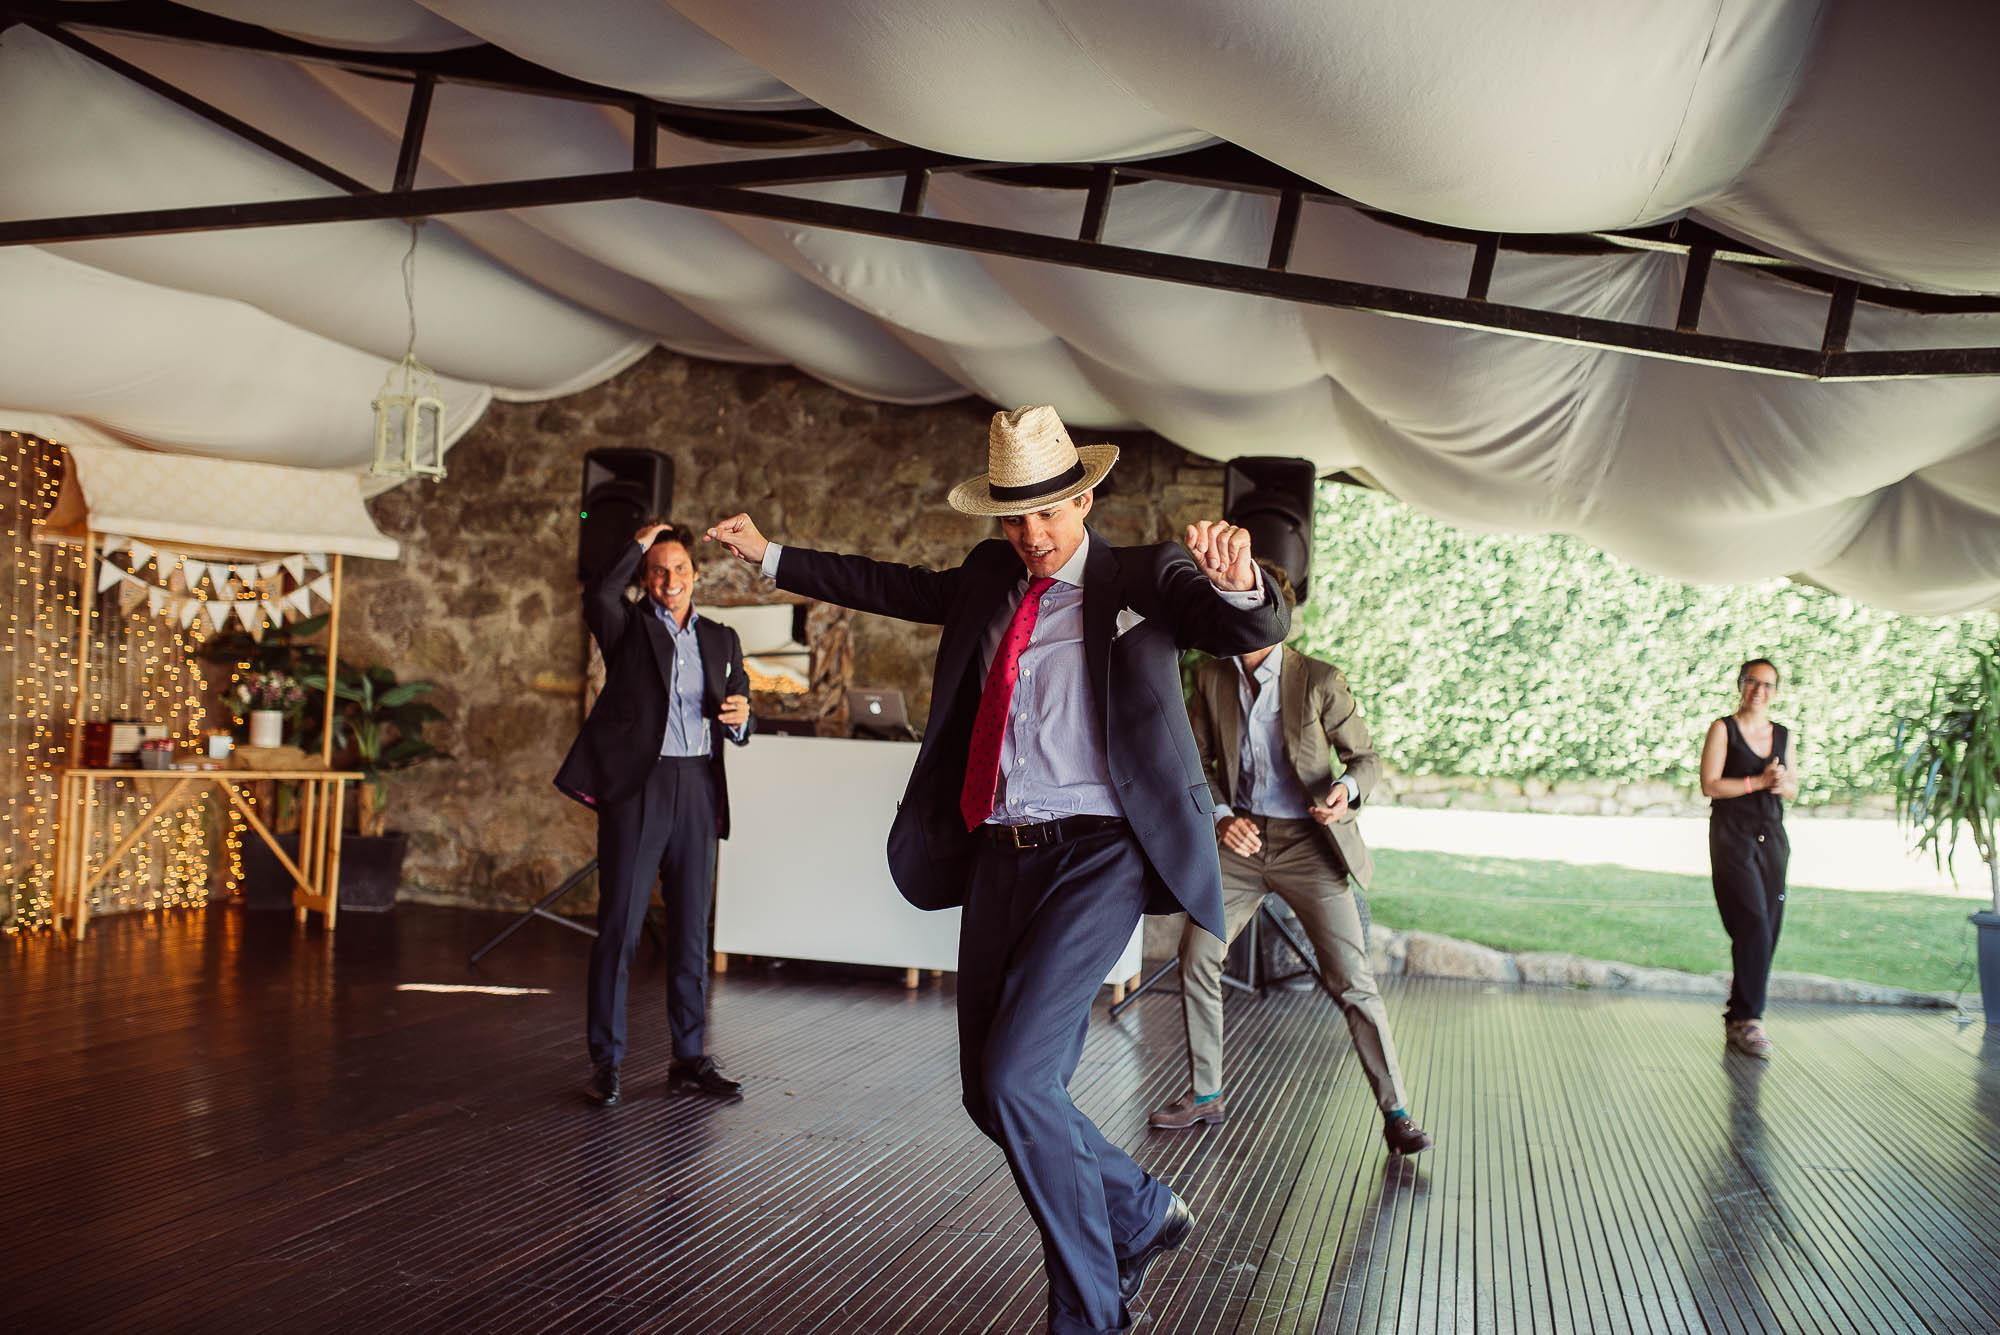 Un invitado con un sombrero de paja deslizándose por la pista de baile